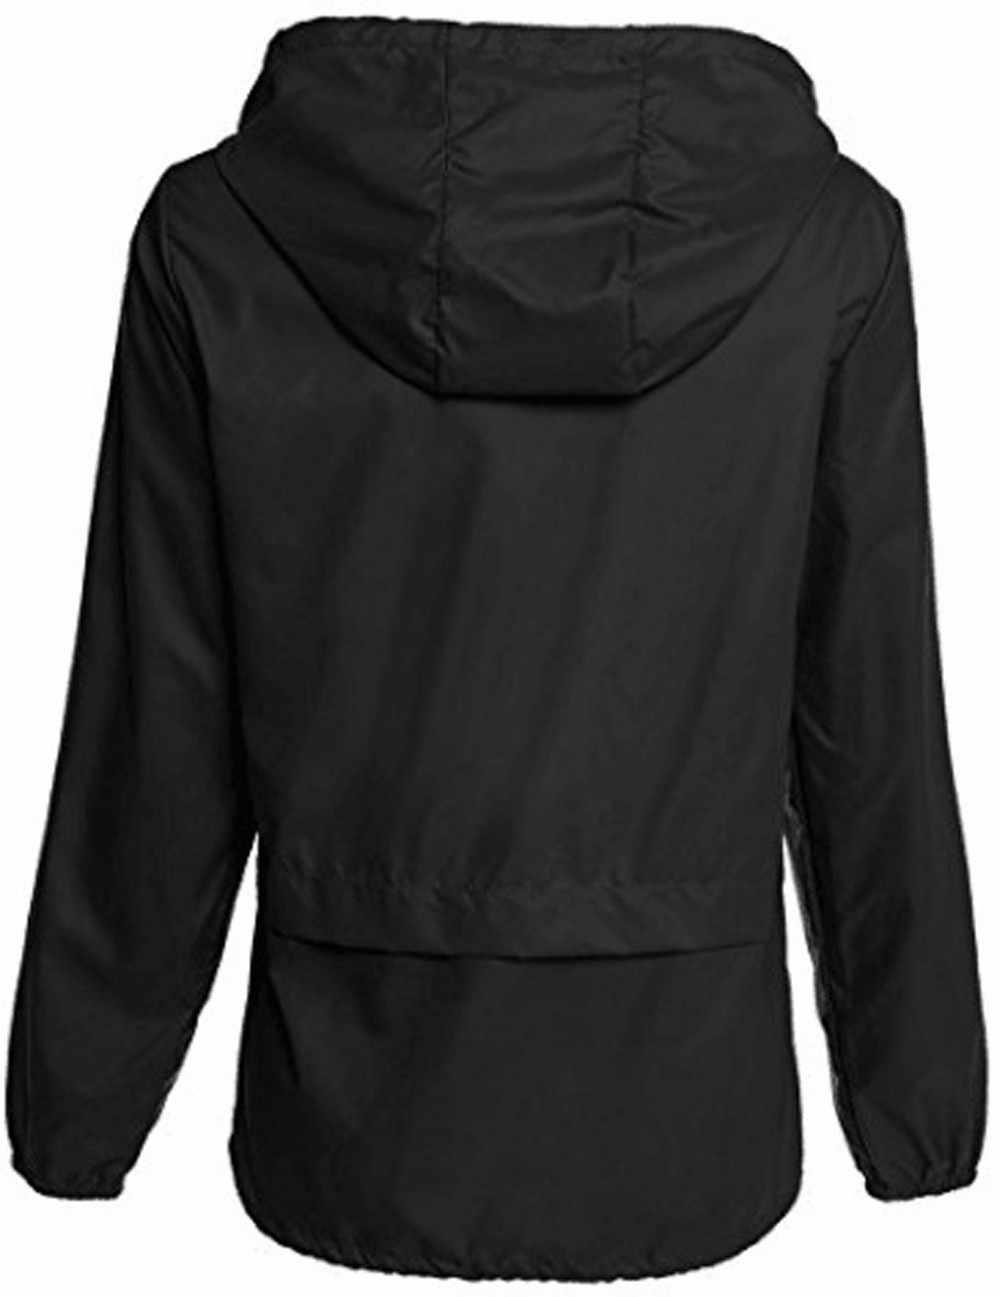 Chamsgend 付きスポーツジャケット女性コートランニングトレーニングプラスサイズジャケットファッションポケット長袖女性トップス